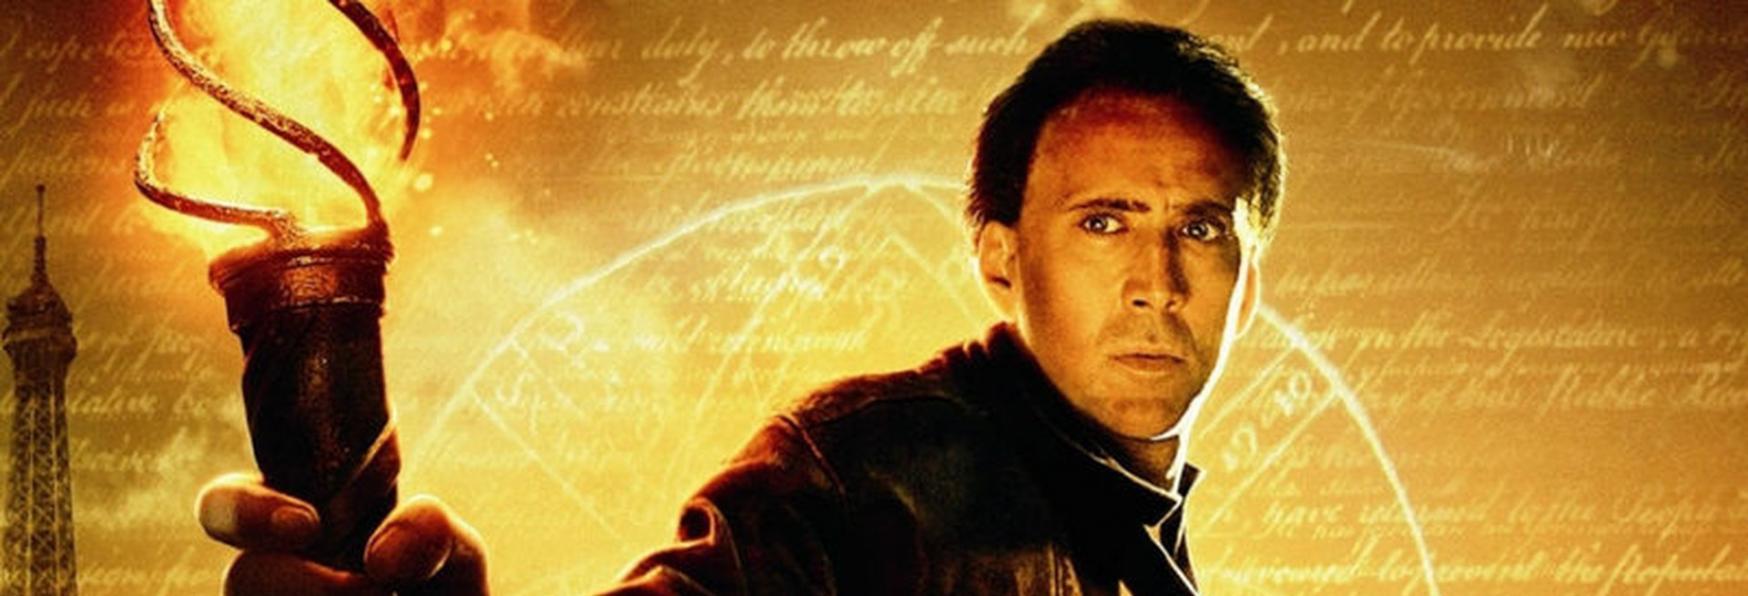 Il Mistero dei Templari: in Sviluppo la nuova Serie TV targata Disney+ sul famoso Film del 2004